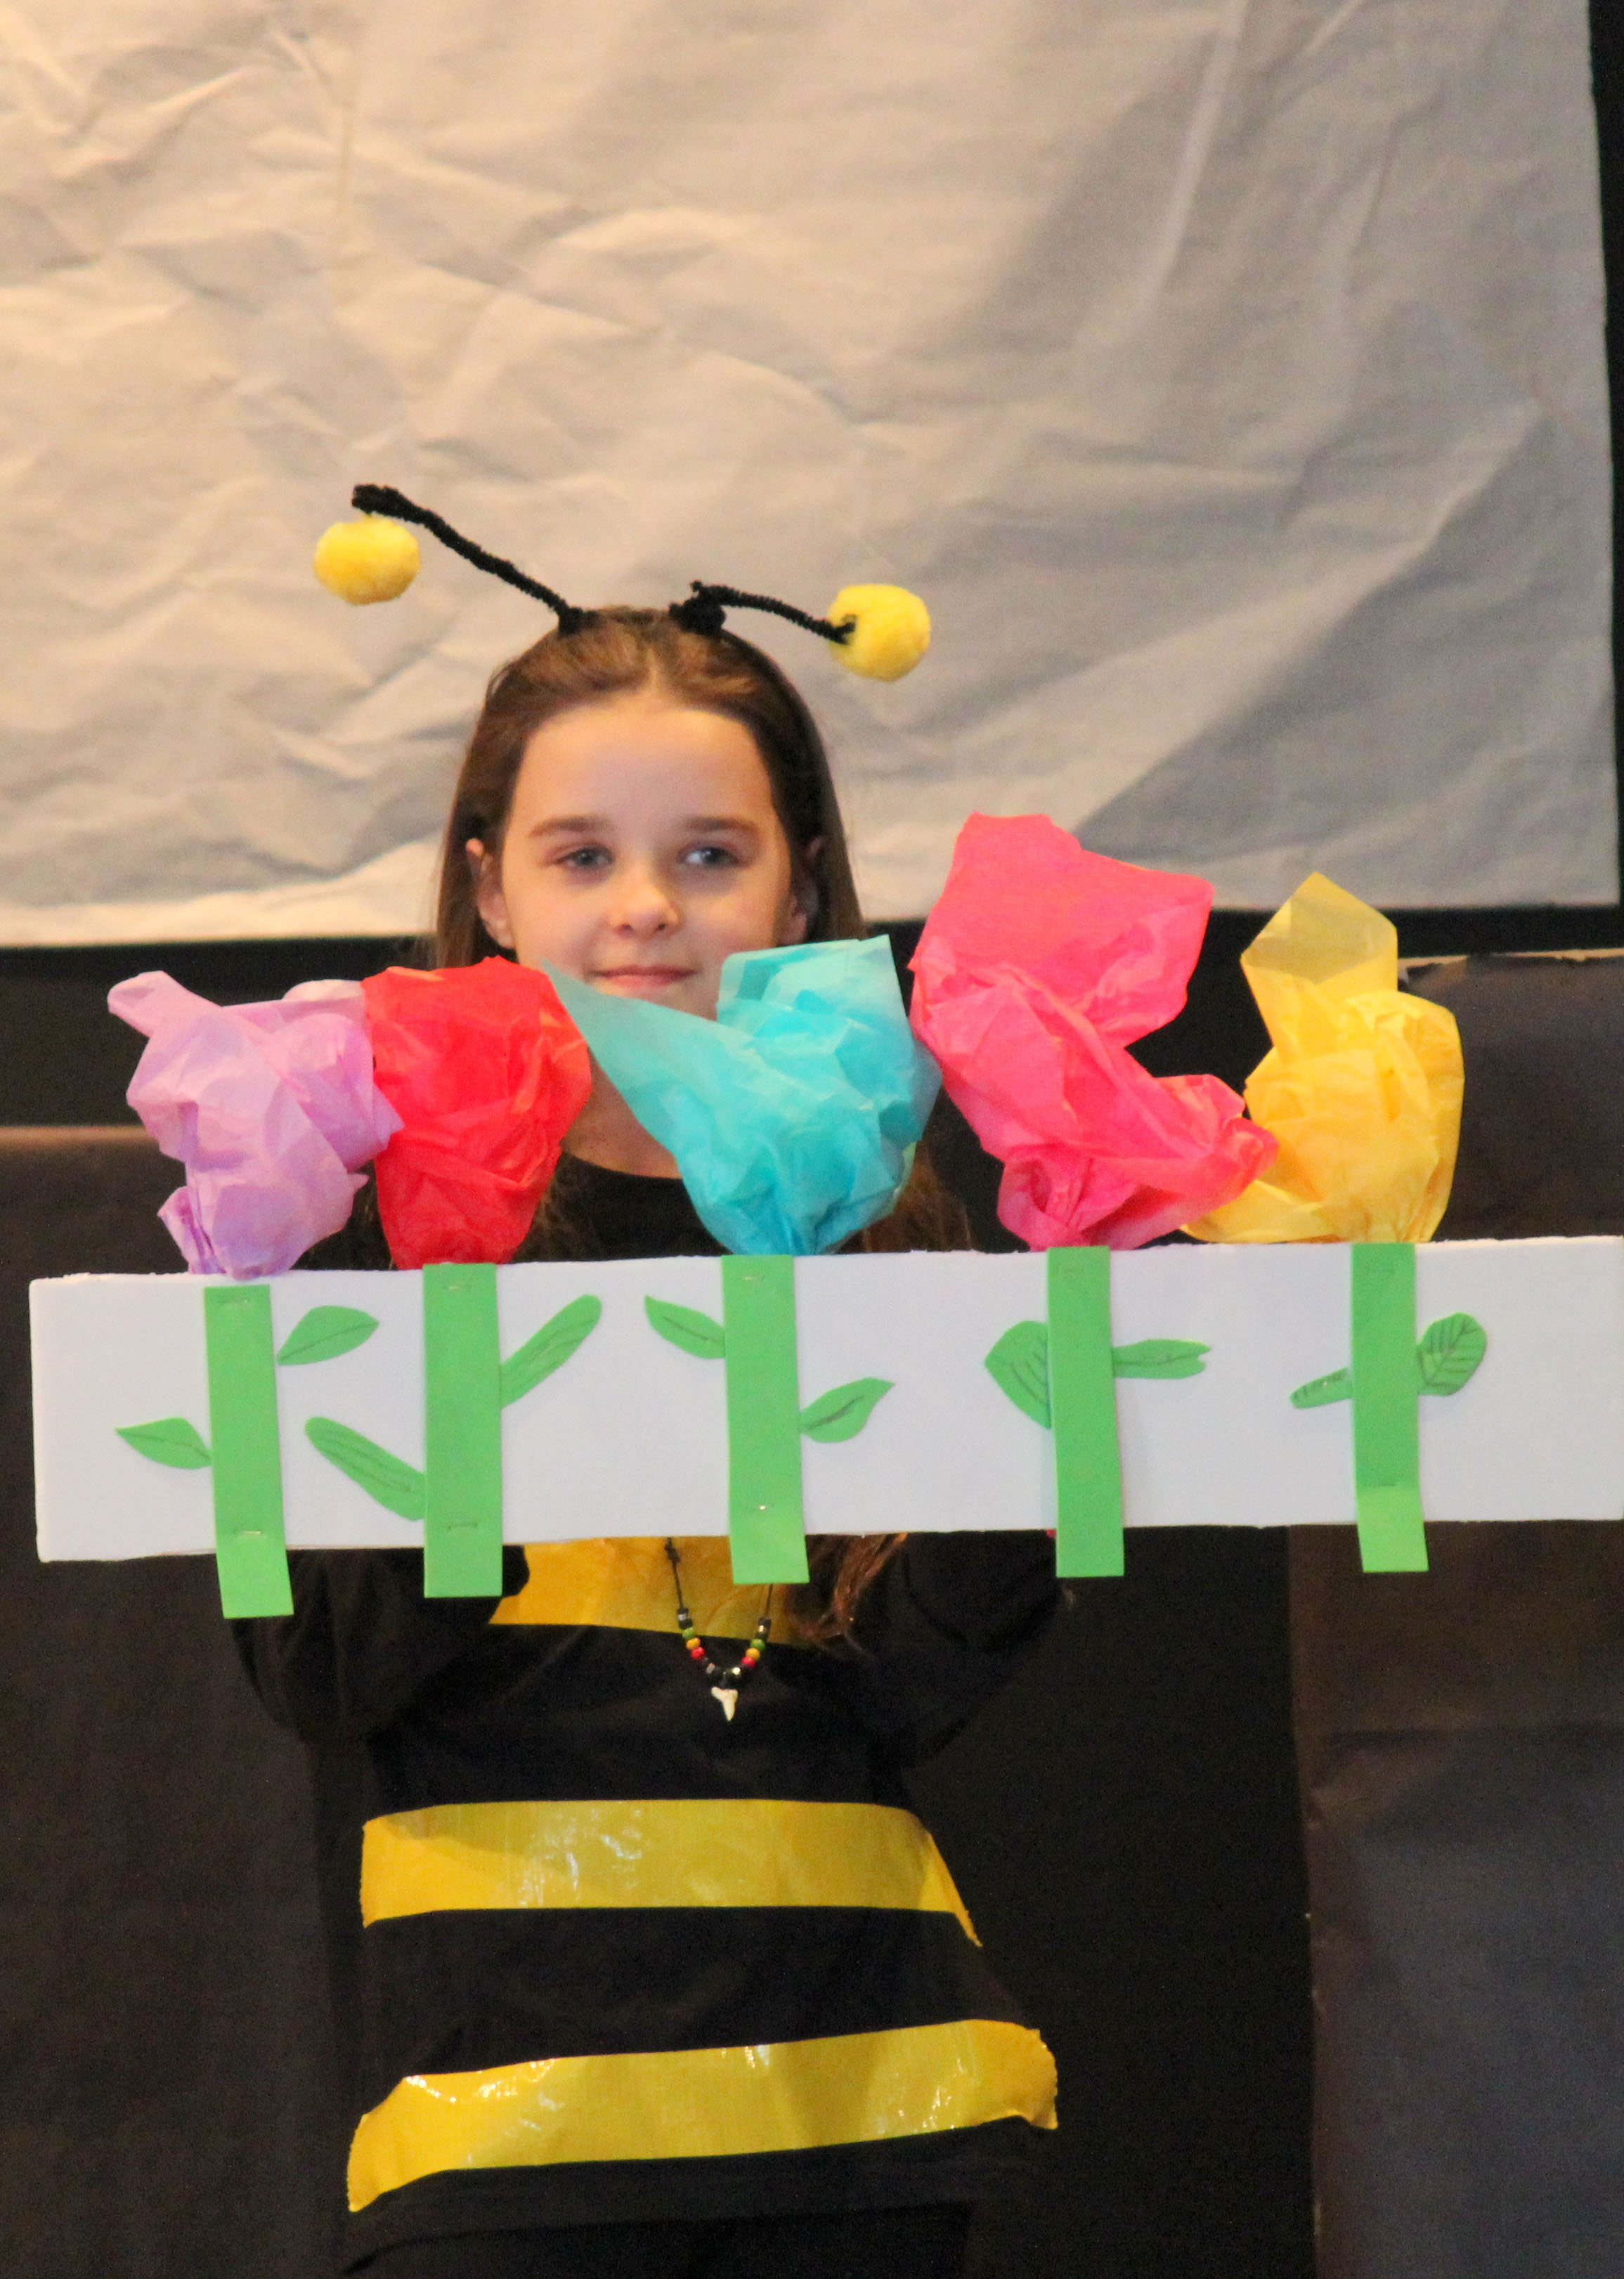 Worker bee 2